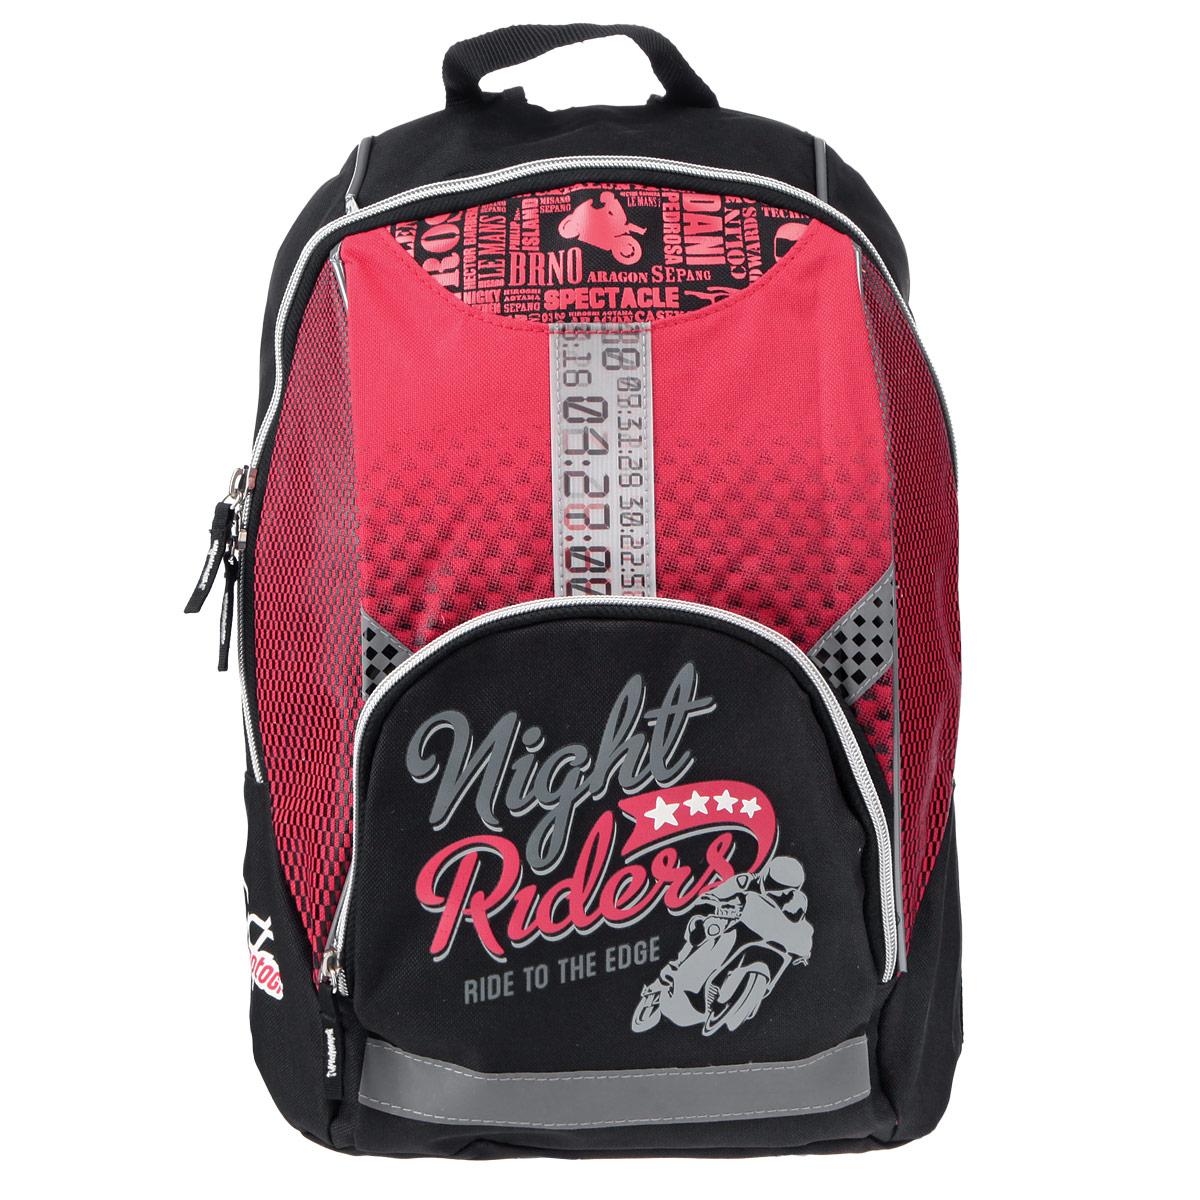 Рюкзак детский Motor GP, цвет: красный, черный72523WDДетский рюкзак Motor GP - это стильный вместительный рюкзак, который придется по вкусу любому ребенку. Рюкзак выполнен из плотного износостойкого материала черного цвета с красными вставками. Состоит из одного отделения, закрывающегося на застежку-молнию. Внутри рюкзака находится просторный накладной карман на липучке. На фронтальной части рюкзака предусмотрен карман на молнии для мелочей. Корпус и дно рюкзака мягкие, спинка выполнена из поролона. Лямки специальной S-образной формы с поролоном и воздухообменным сетчатым материалом, регулируемые по длине. В рюкзаке Motor GP ваш ребенок с удовольствием будет носить свои вещи или любимые игрушки.